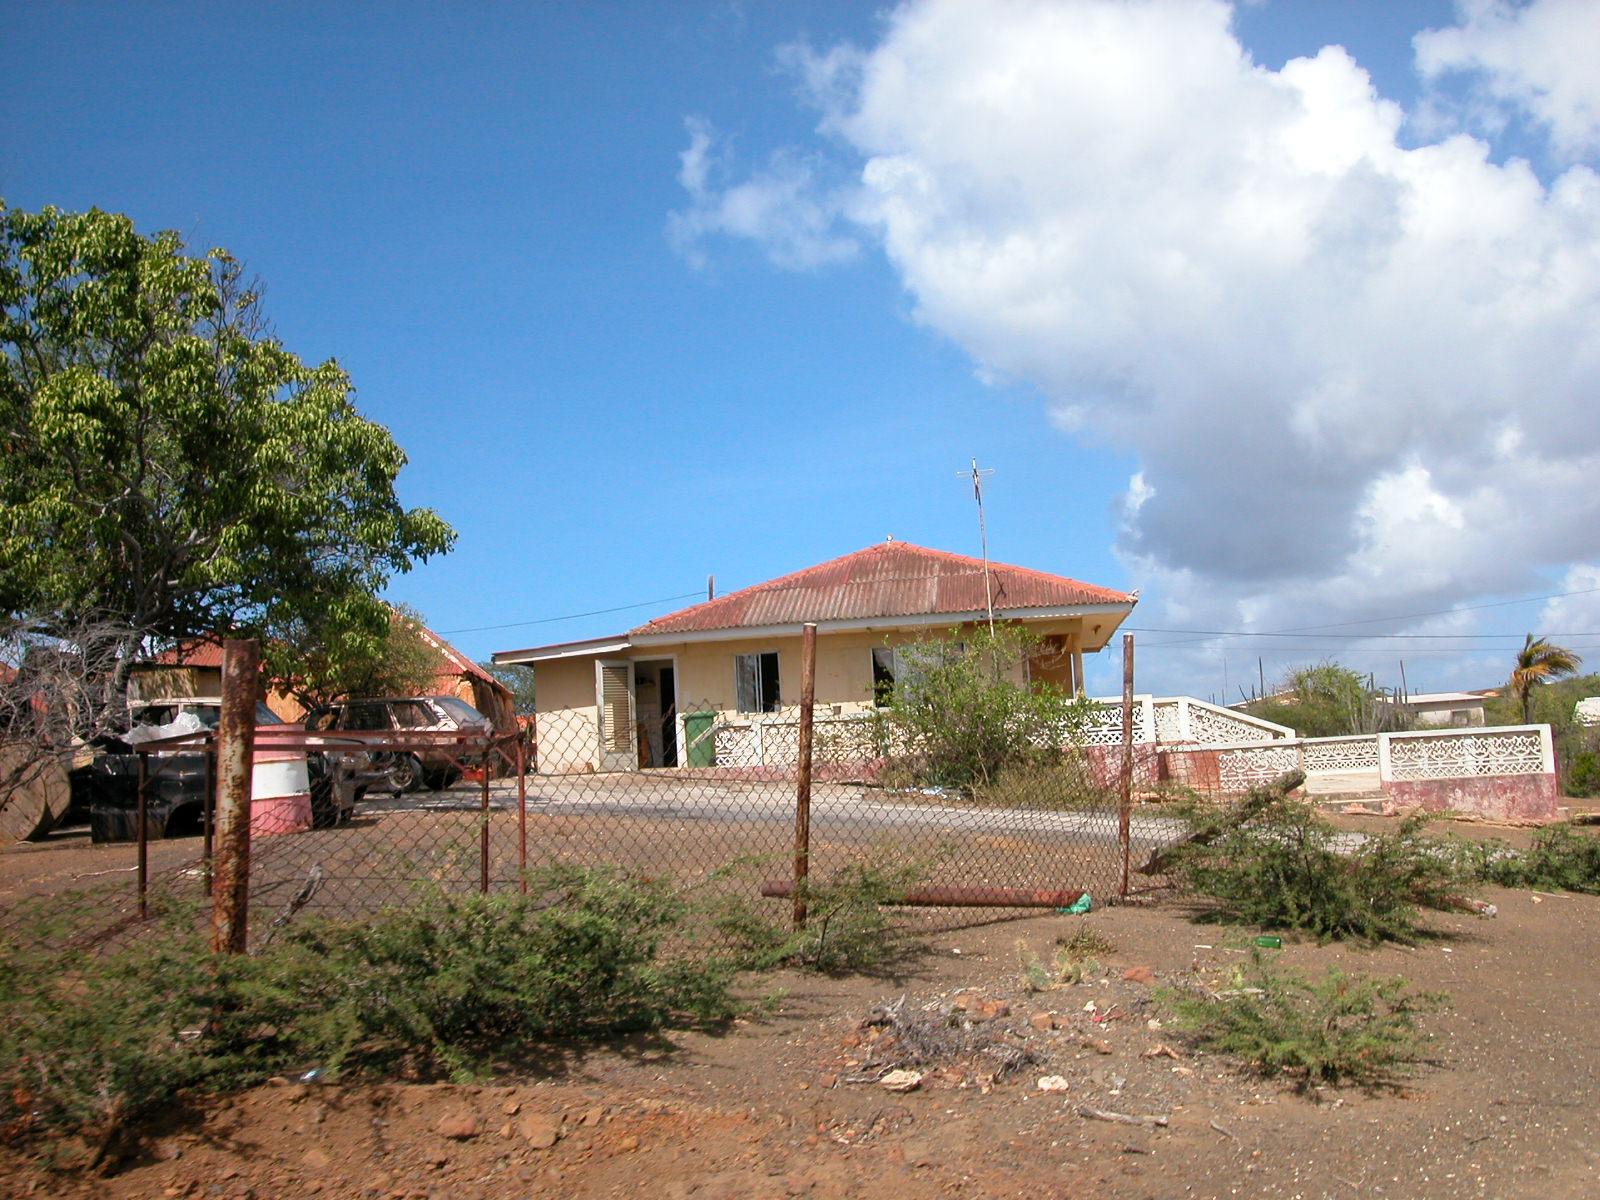 jacco curacao tropical architecture exteriors house villagescape